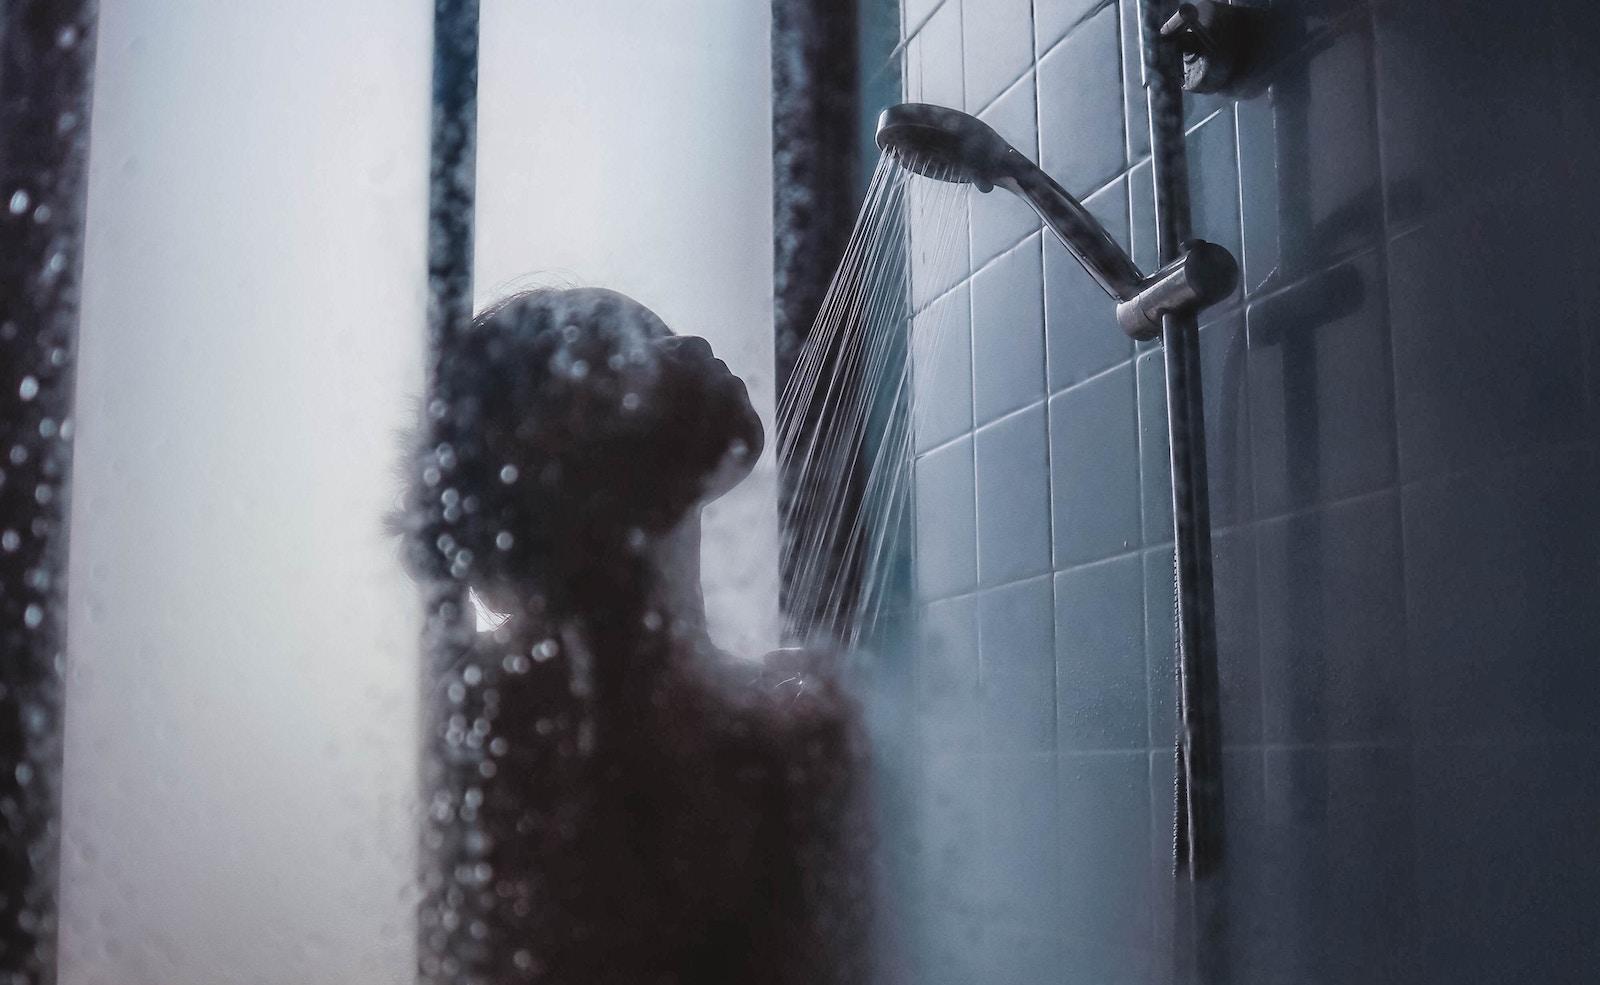 Badezimmer nach Duschen richtig lüften: Schimmel im Bad vermeiden